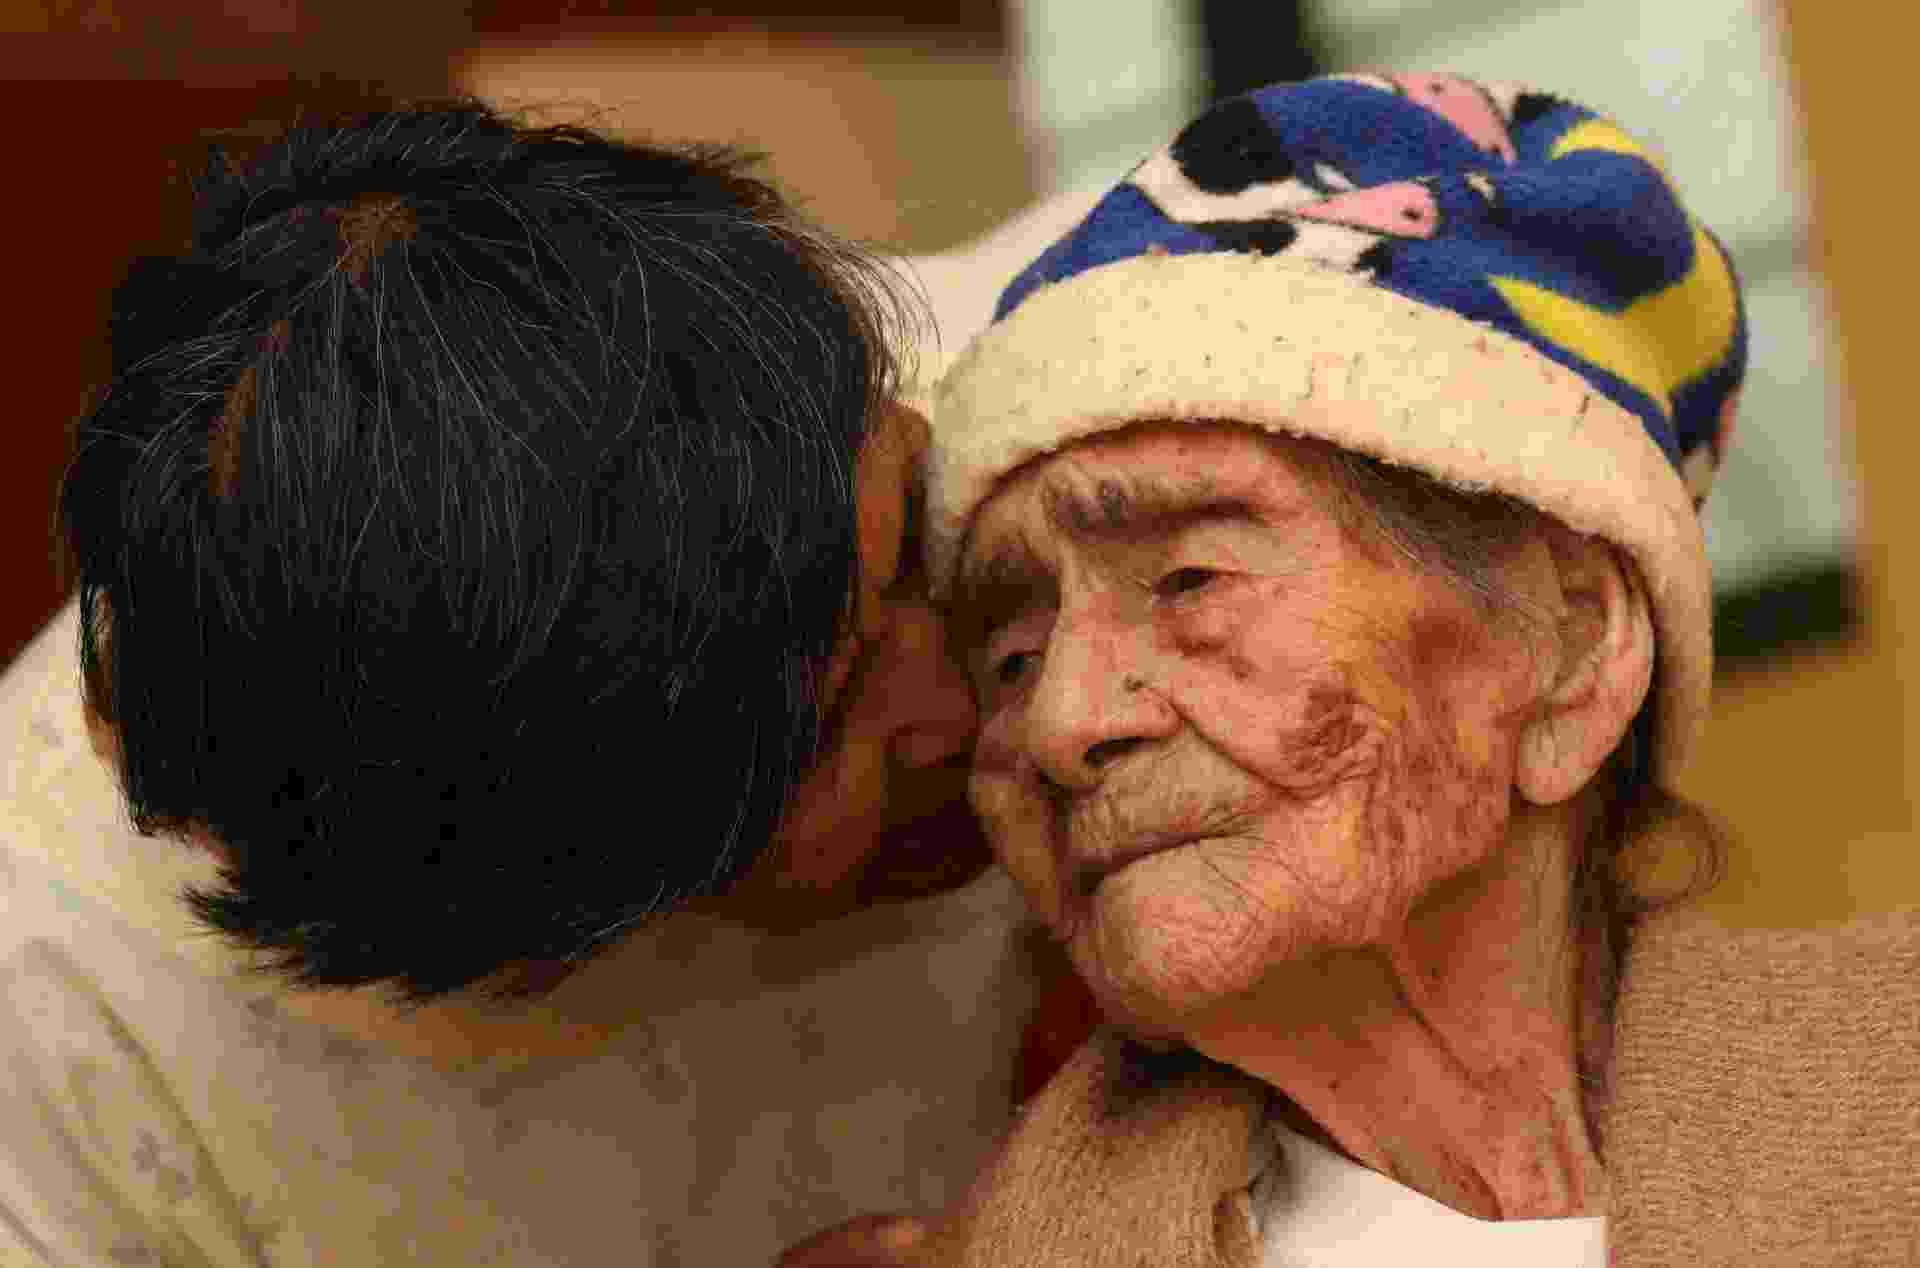 29.ago.2014 - A mexicana Leandra Becerra Lumbreras pode atingir, no próximo domingo (31), um recorde mundial: ela fará 127 anos e pode se tornar a pessoa mais velha do mundo, caso a marca seja reconhecida - Ulises Ruíz Basurto/EFE